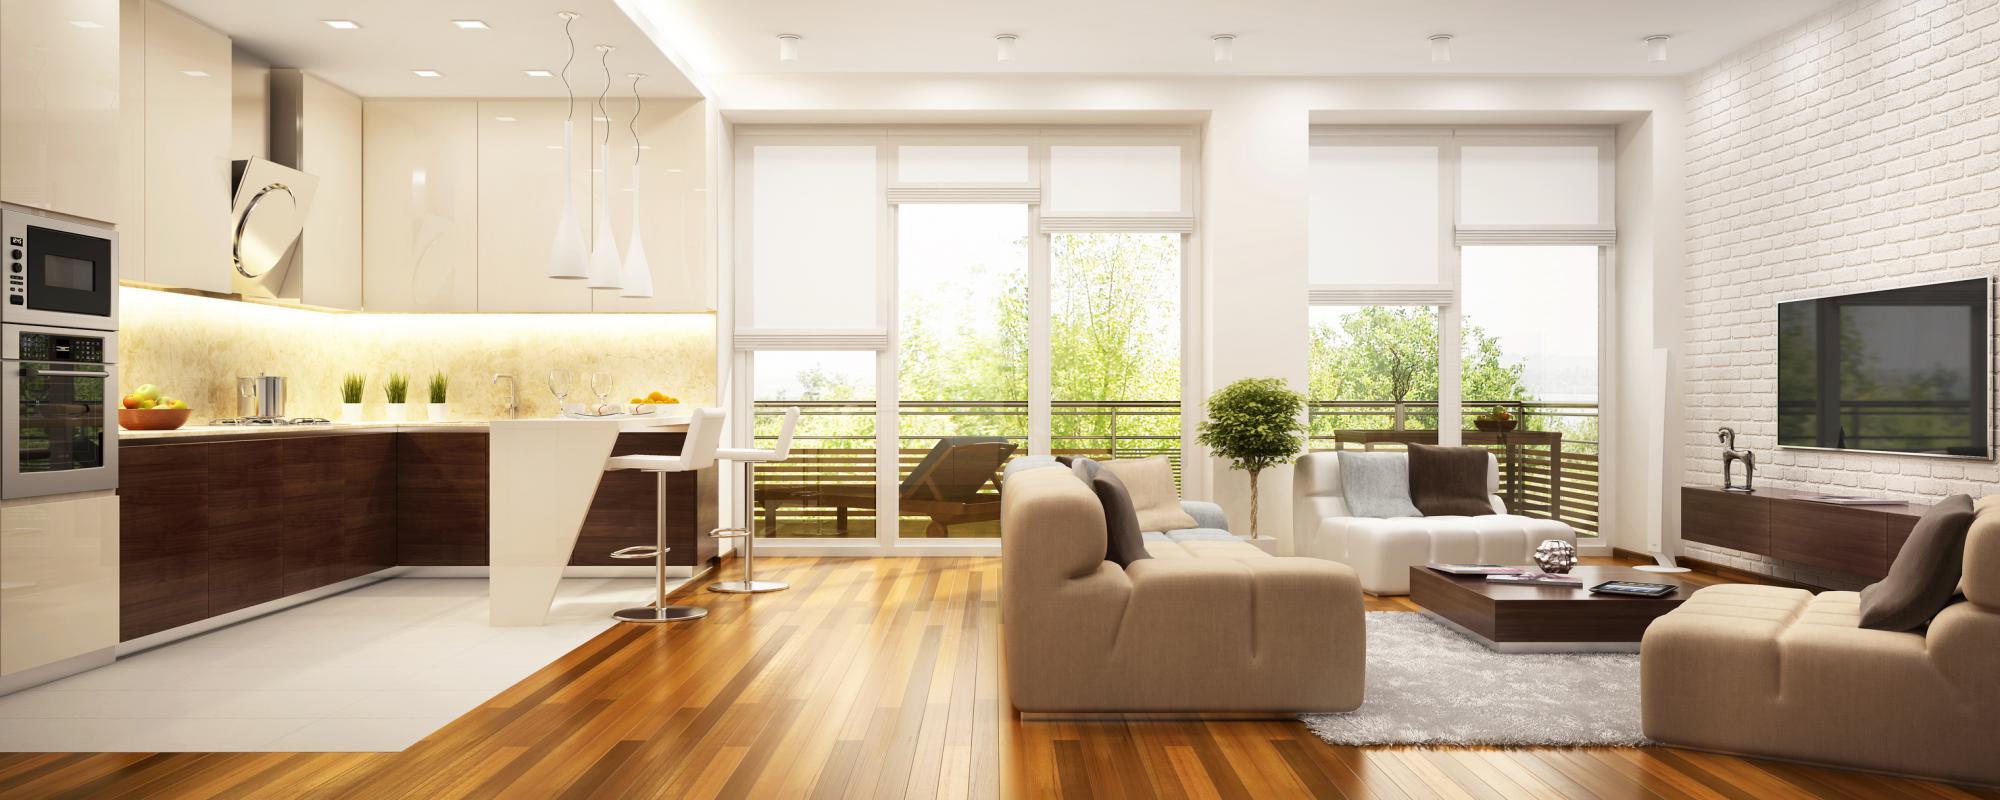 Acheter appartement : pensez aux biens en pierre